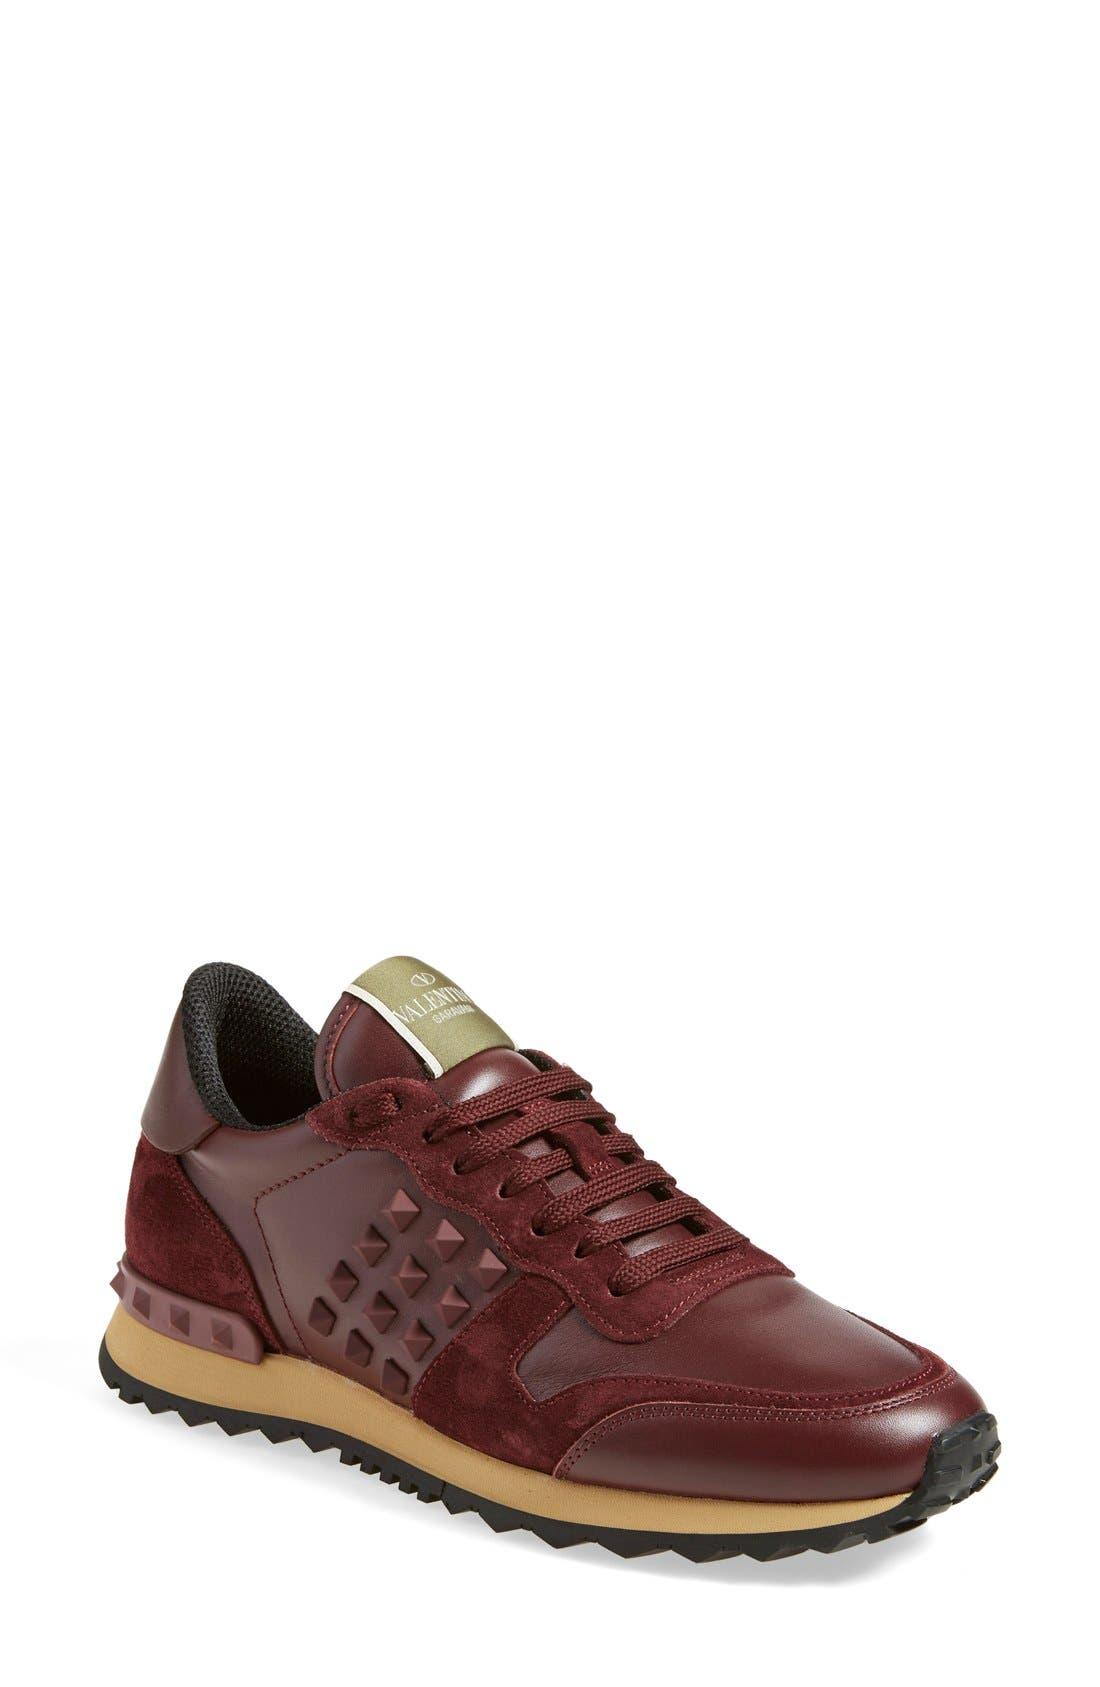 Alternate Image 1 Selected - Valentino 'Rockrunner' Sneaker (Women)